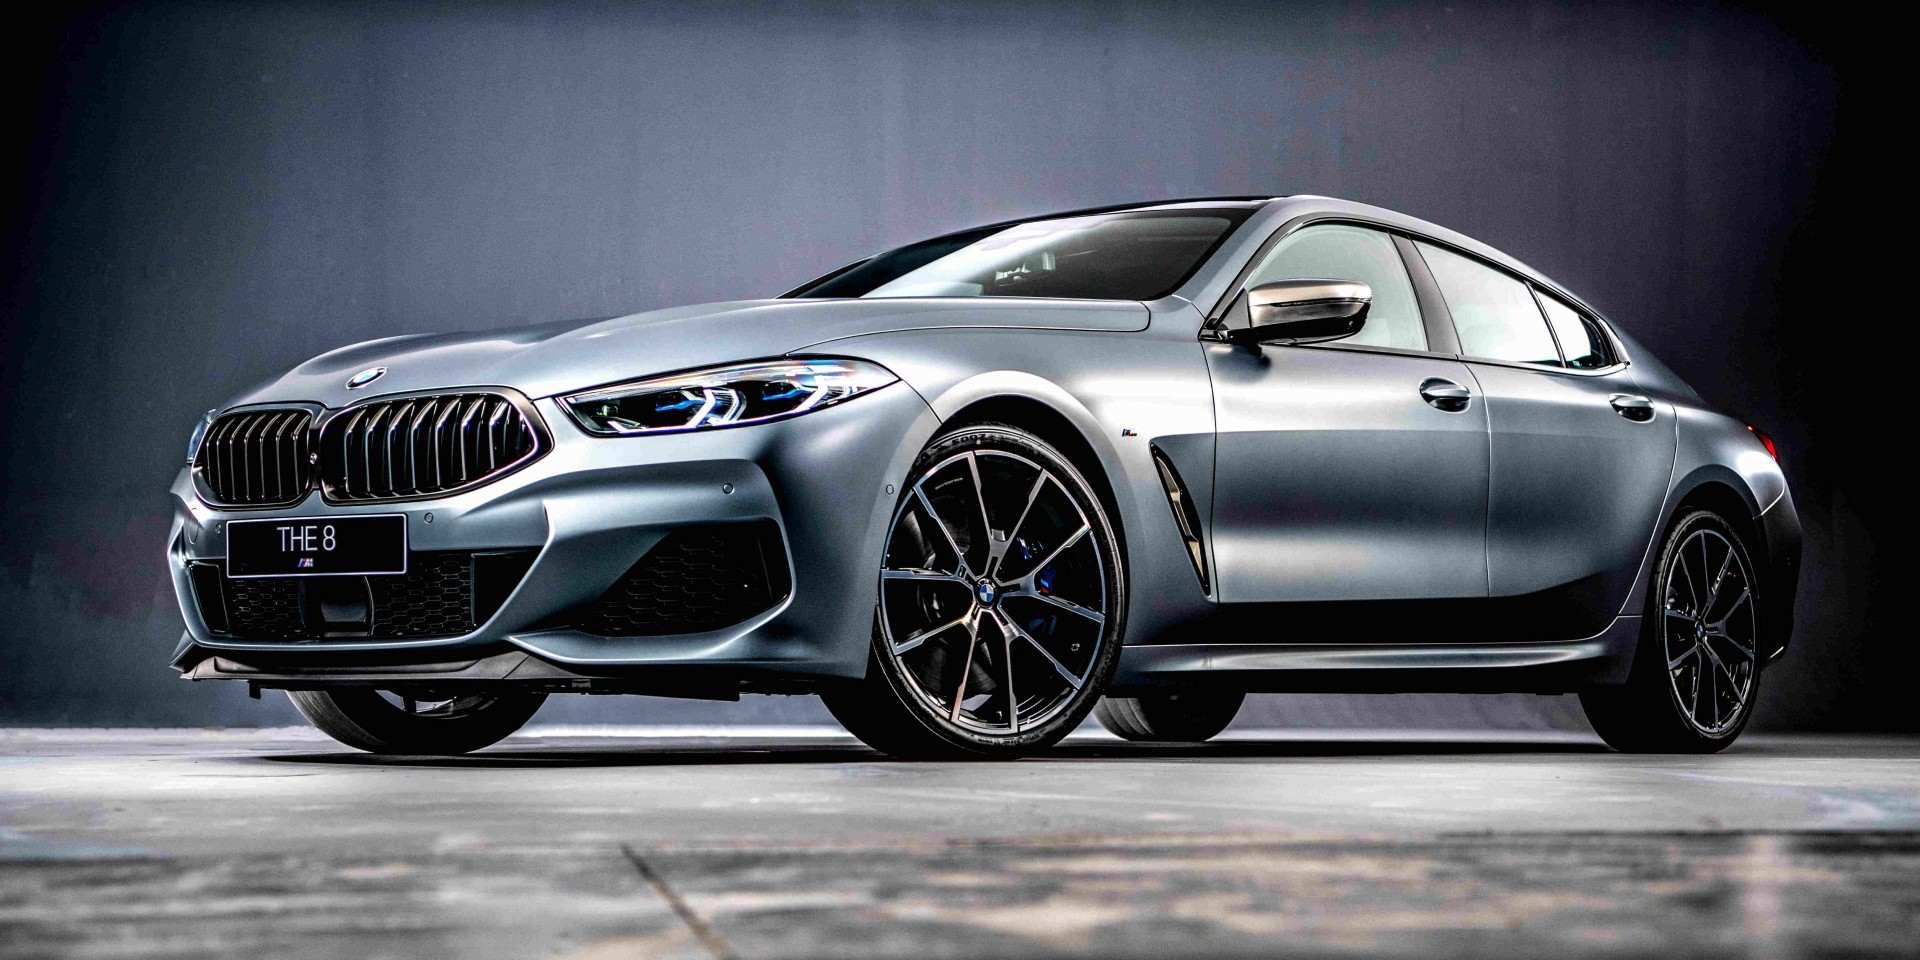 奢華典範珍稀登場:BMW 8 系列 Gran Coupé 四門旗艦跑車即日起進駐全台展間